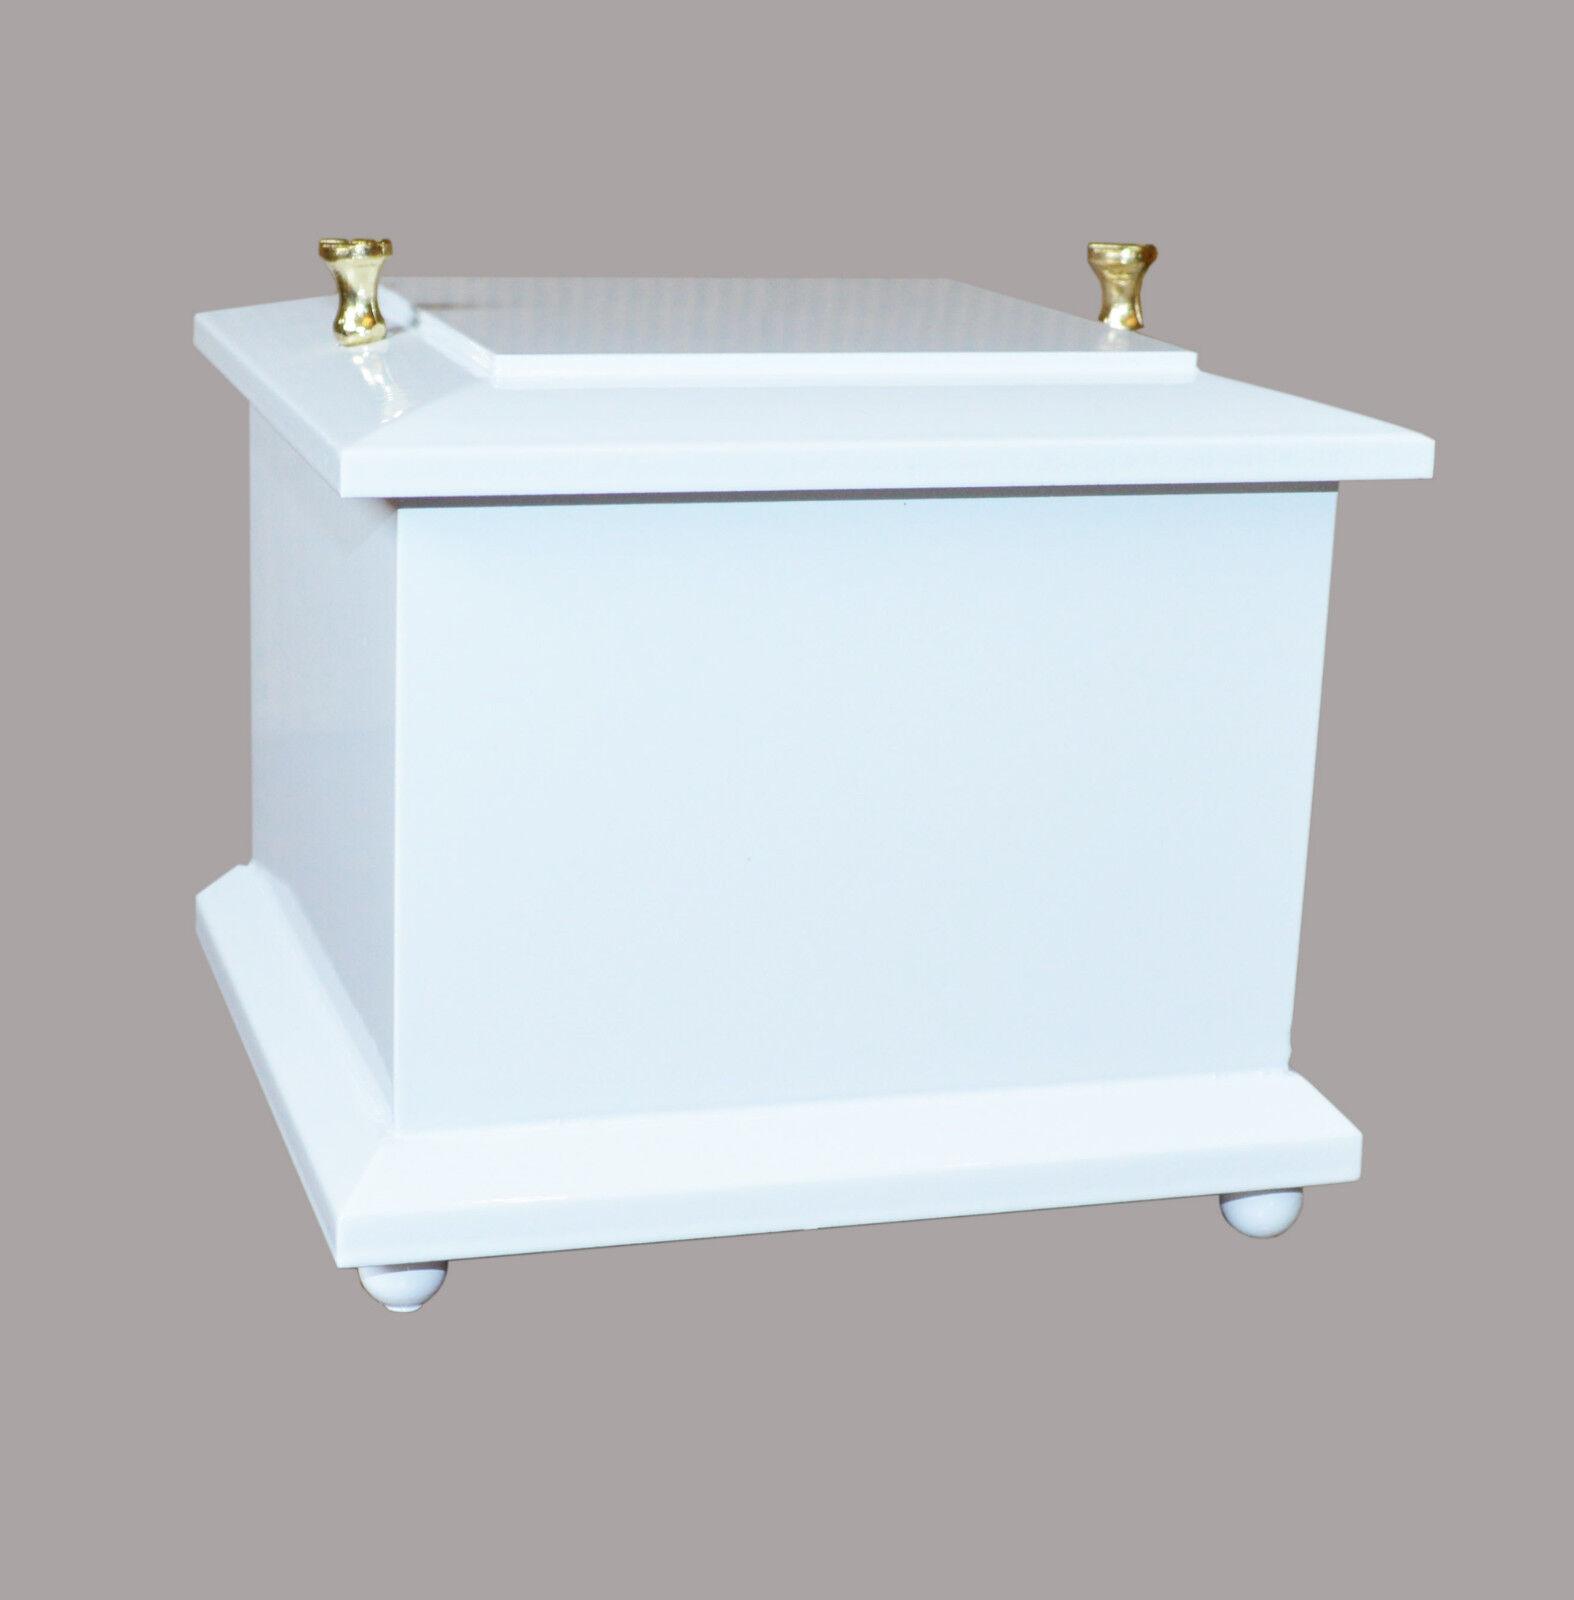 Solido Legno Scrigno Bianco Funerale Urna per Ceneri Cremazione Urne un Bambino